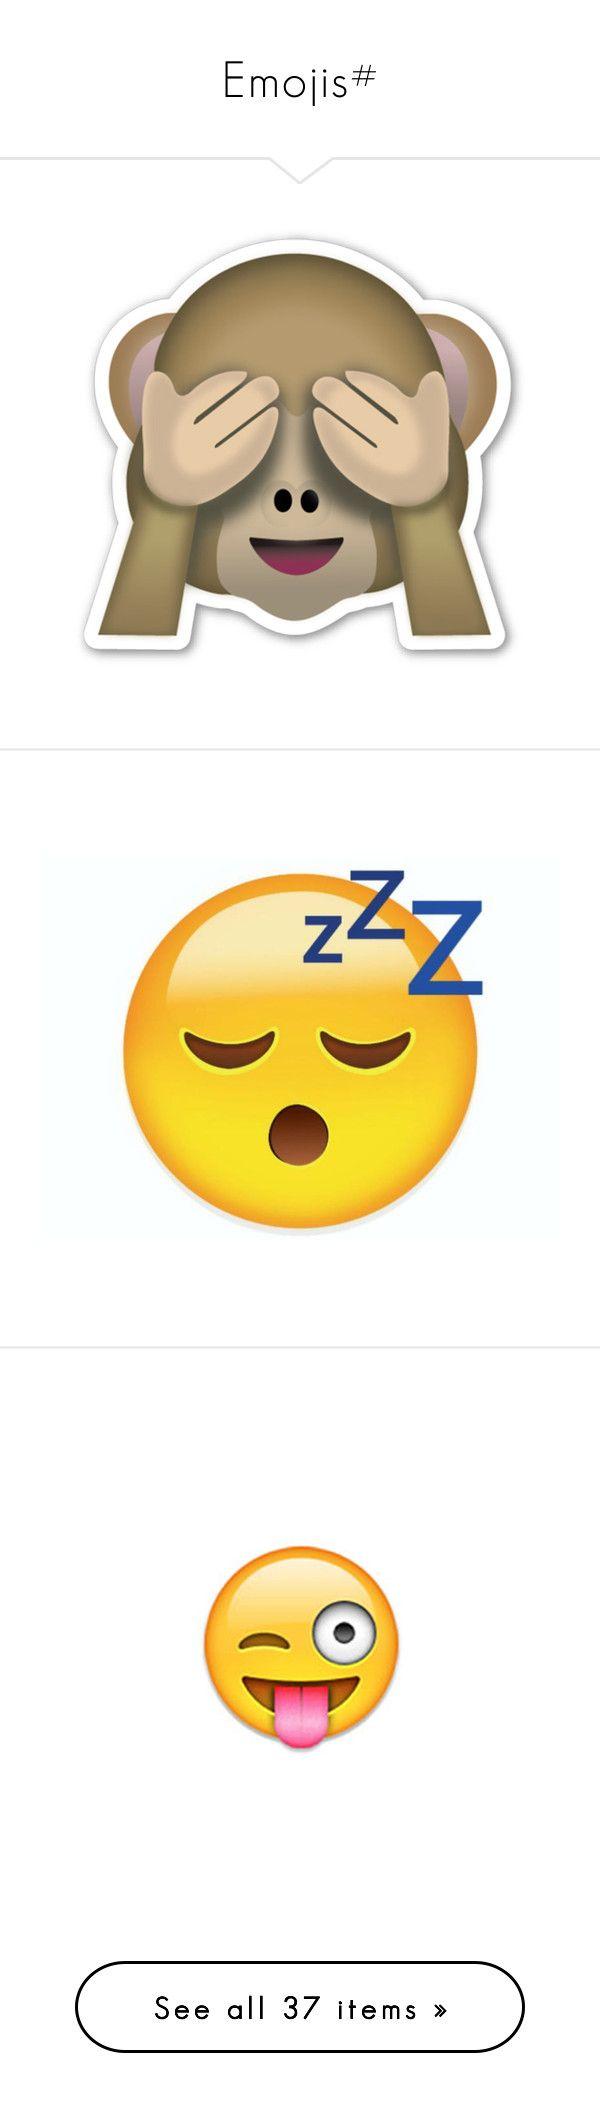 how to add emoji on instagram bio